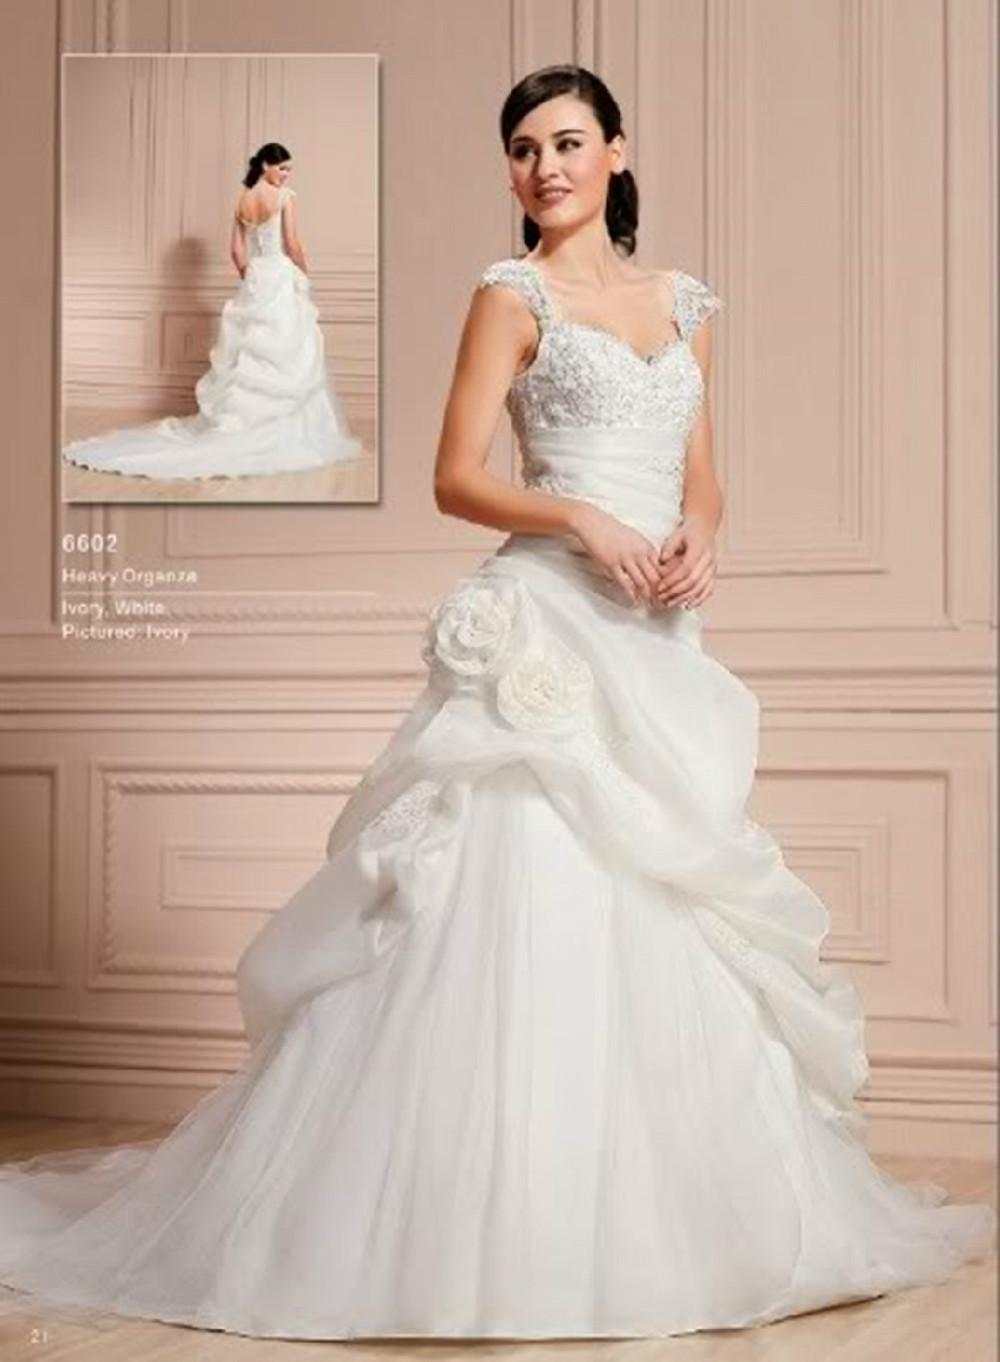 Vestido frete grátis 2018 chiffon vestidos de casamento com mangas transparentes Organza Spitze Braut Brautkleid / Ballkleid